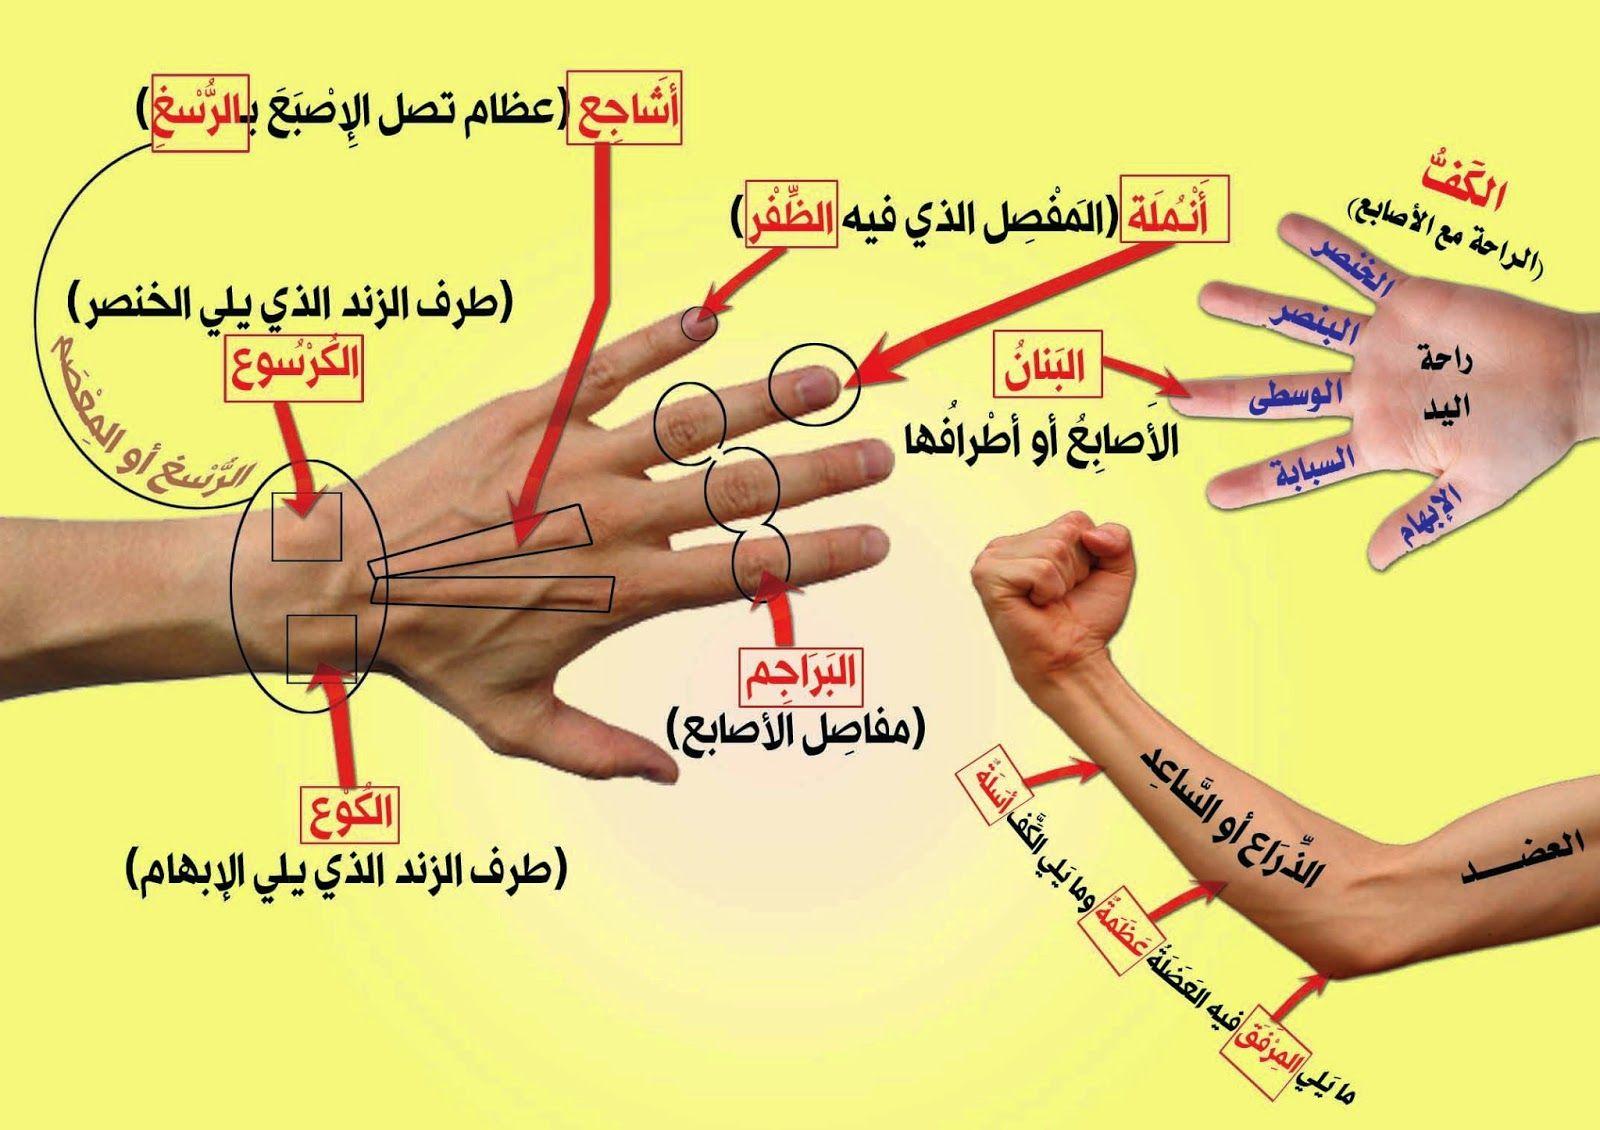 وليد إبراهيم دره أبوعبد الرحمن Blog Posts Blog Islamic Quotes